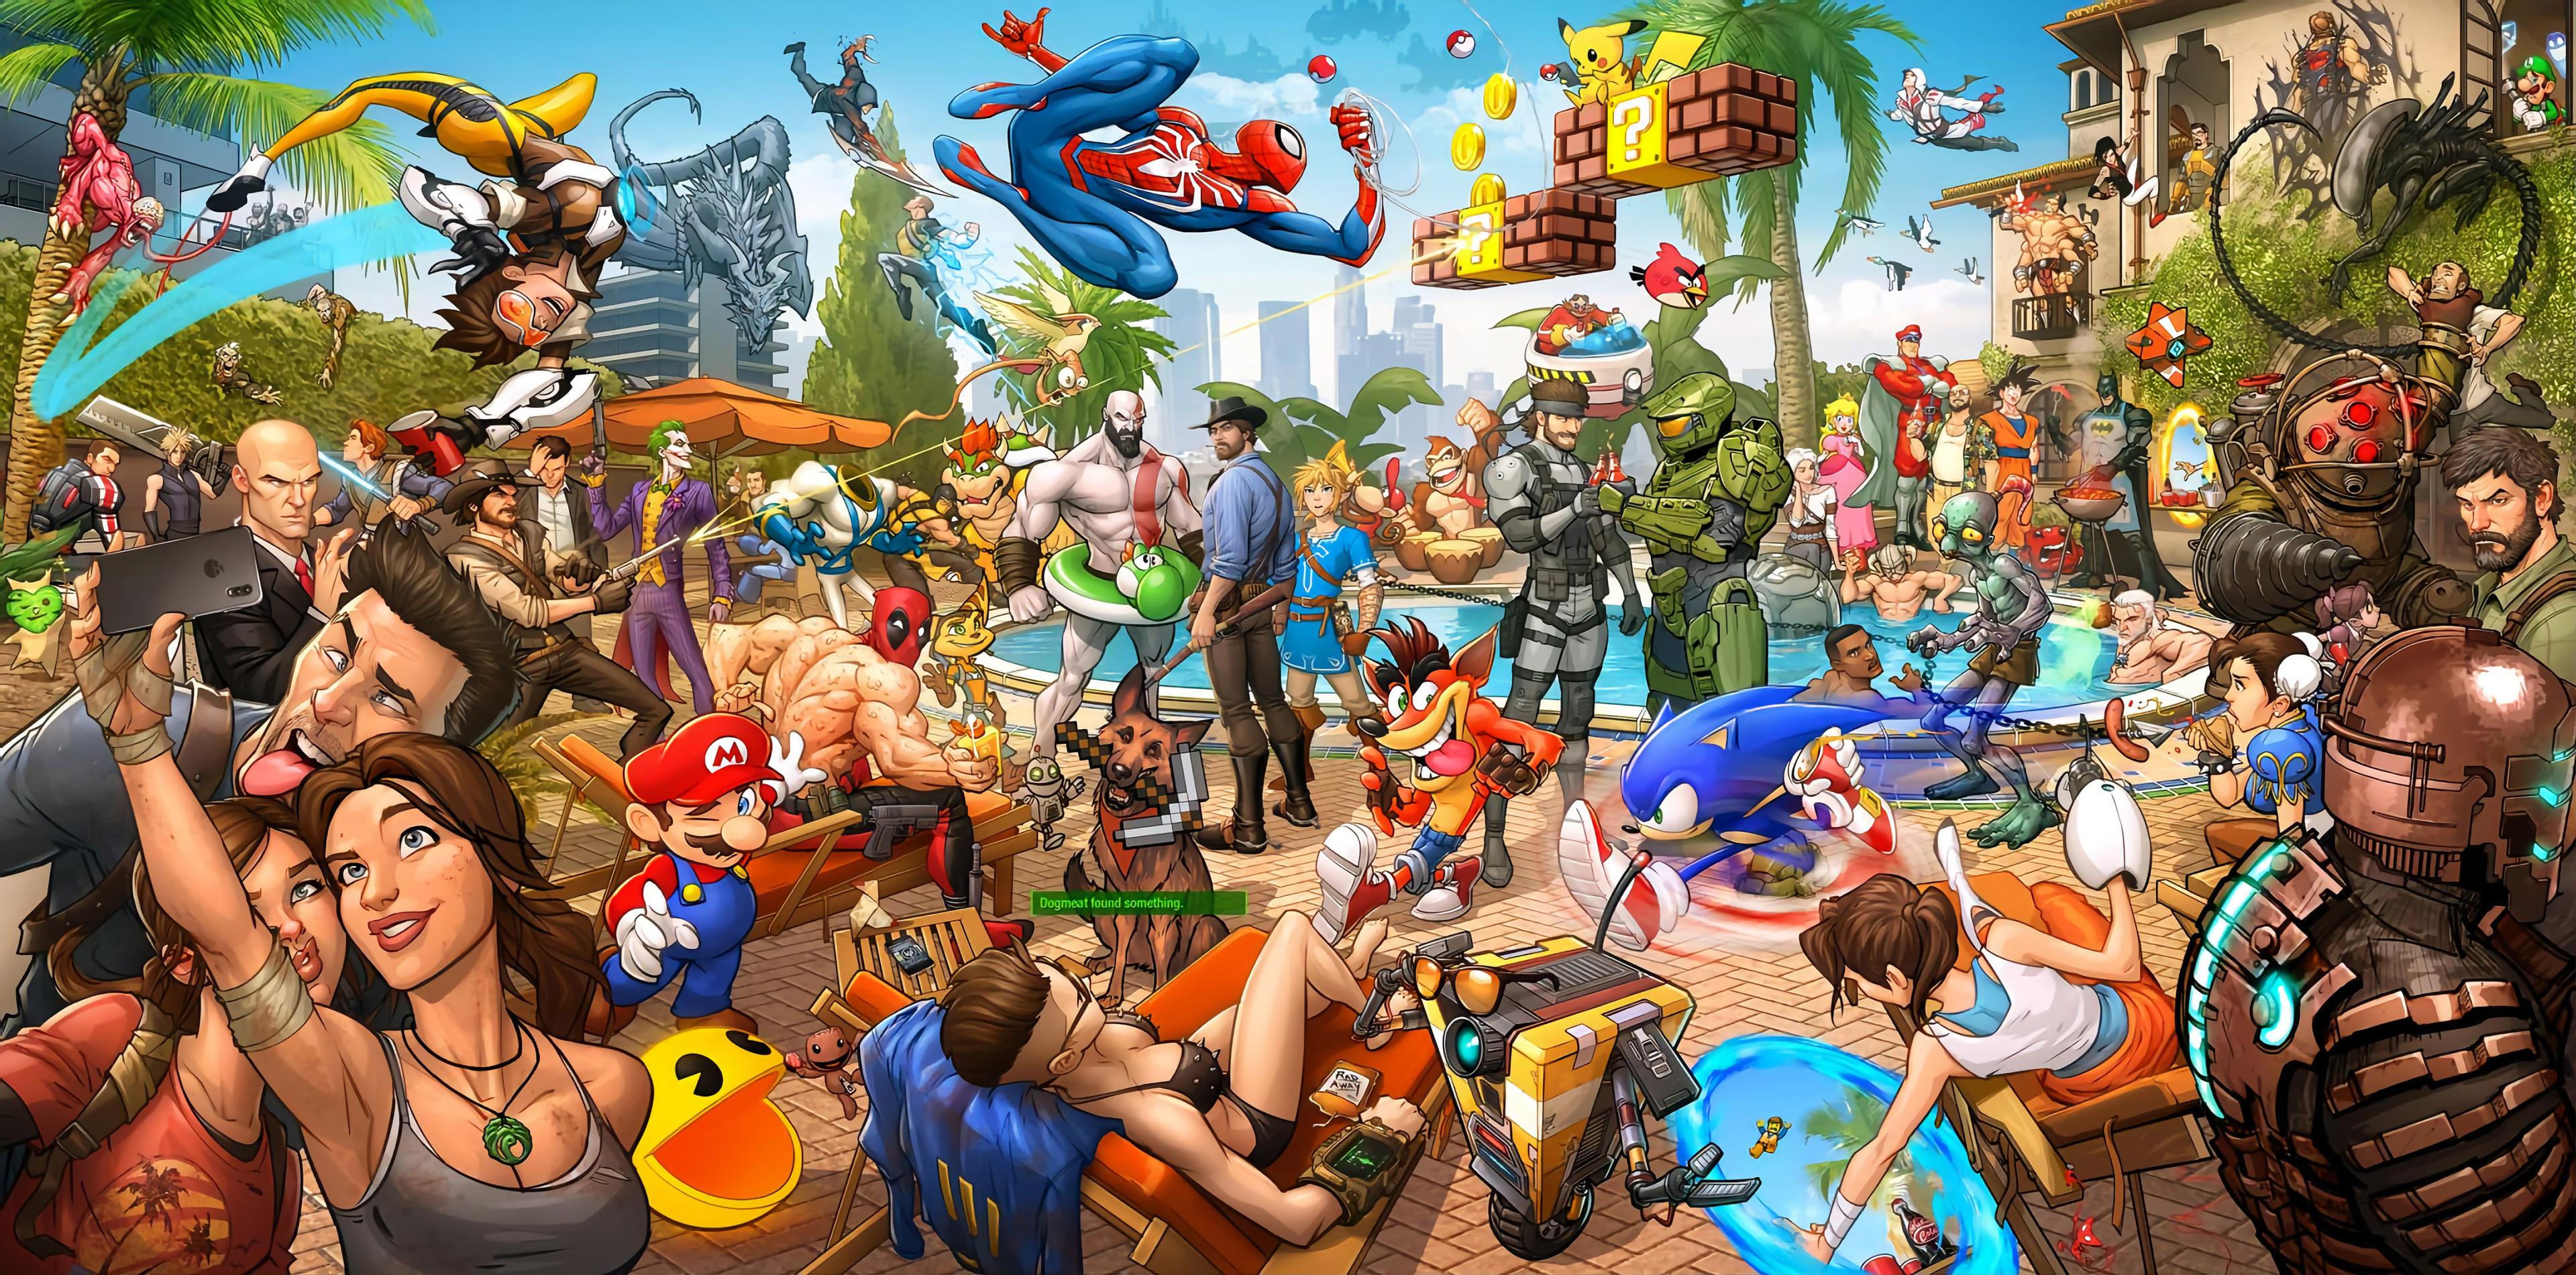 Une sublime fresque réunissant tous les héros de jeux vidéo